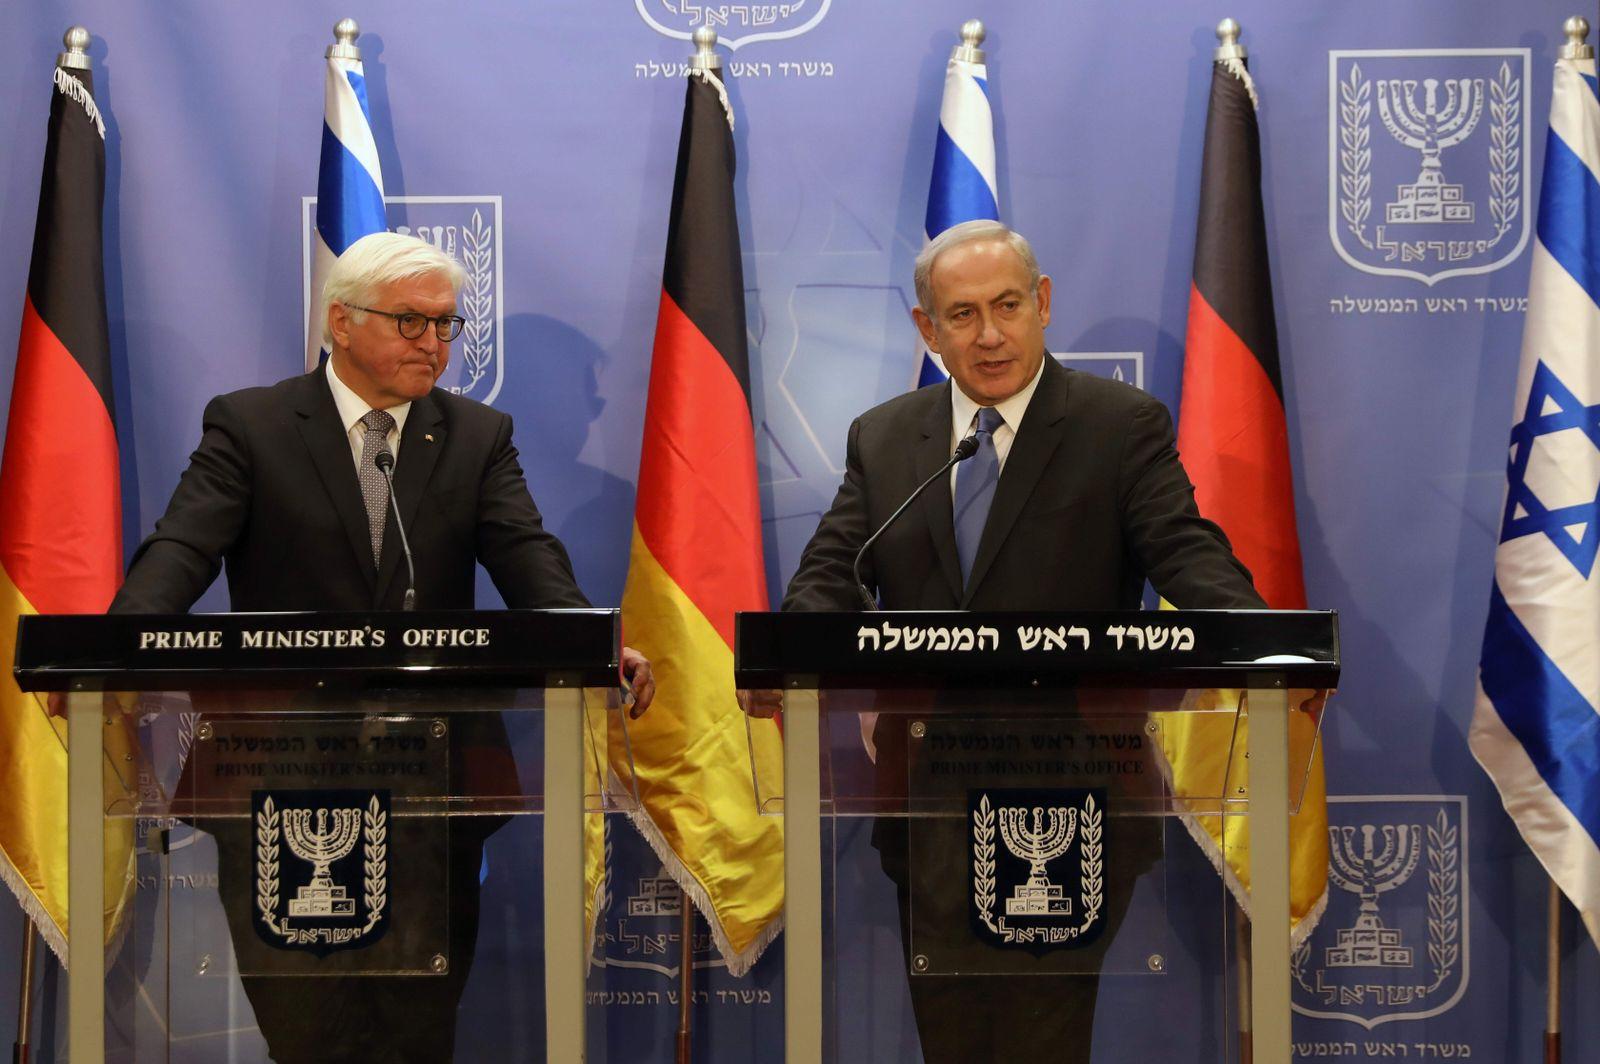 ISRAEL/ Steinmeier/ Netanyahu